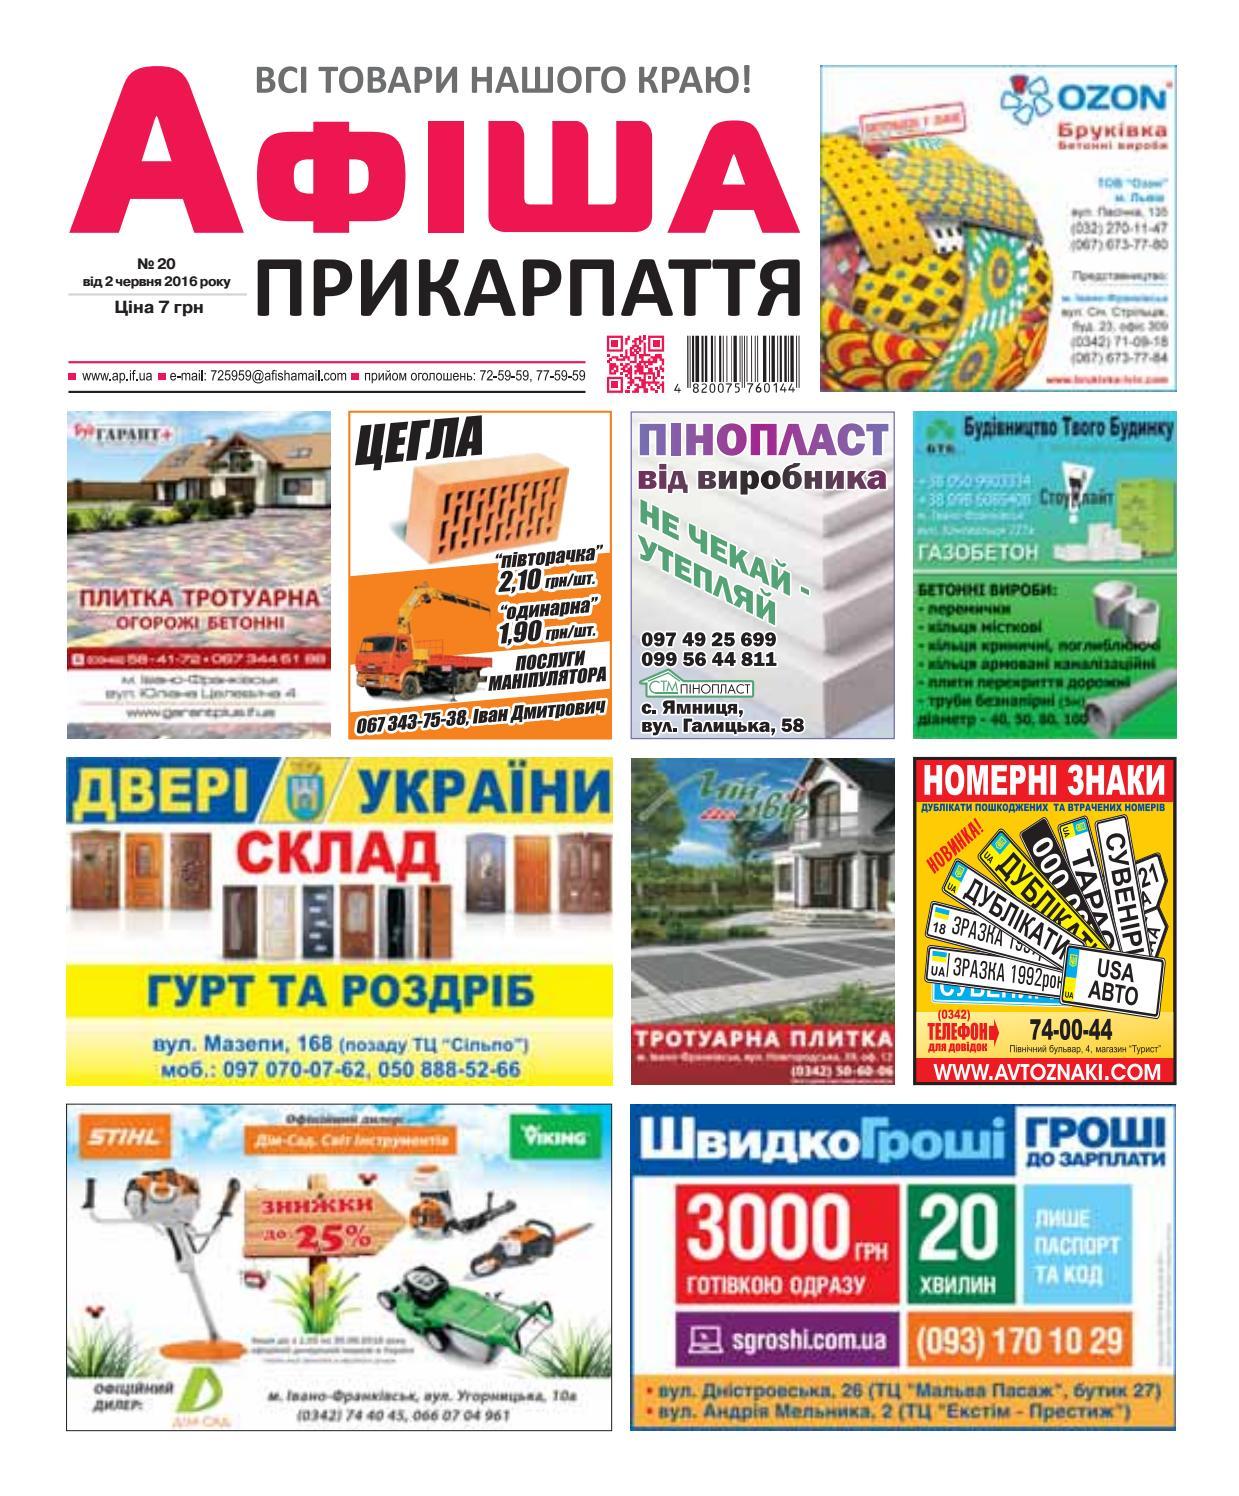 Афіша ПРИКАРПАТТЯ №20 by Olya Olya - issuu a8568ff01ede2